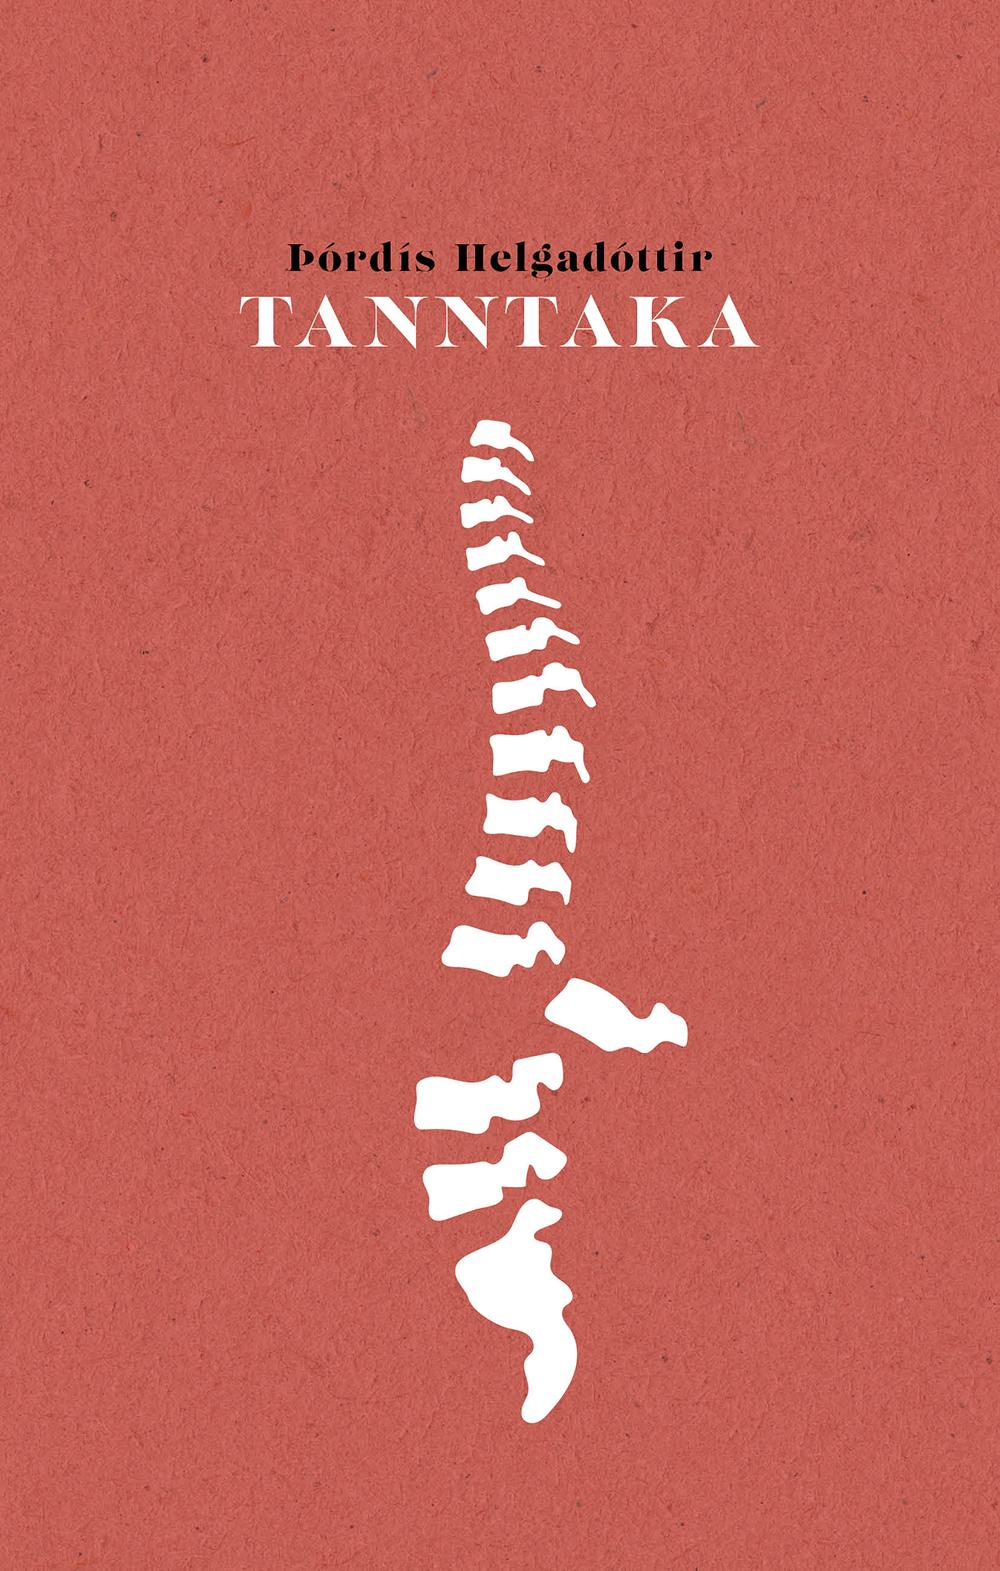 Tanntaka